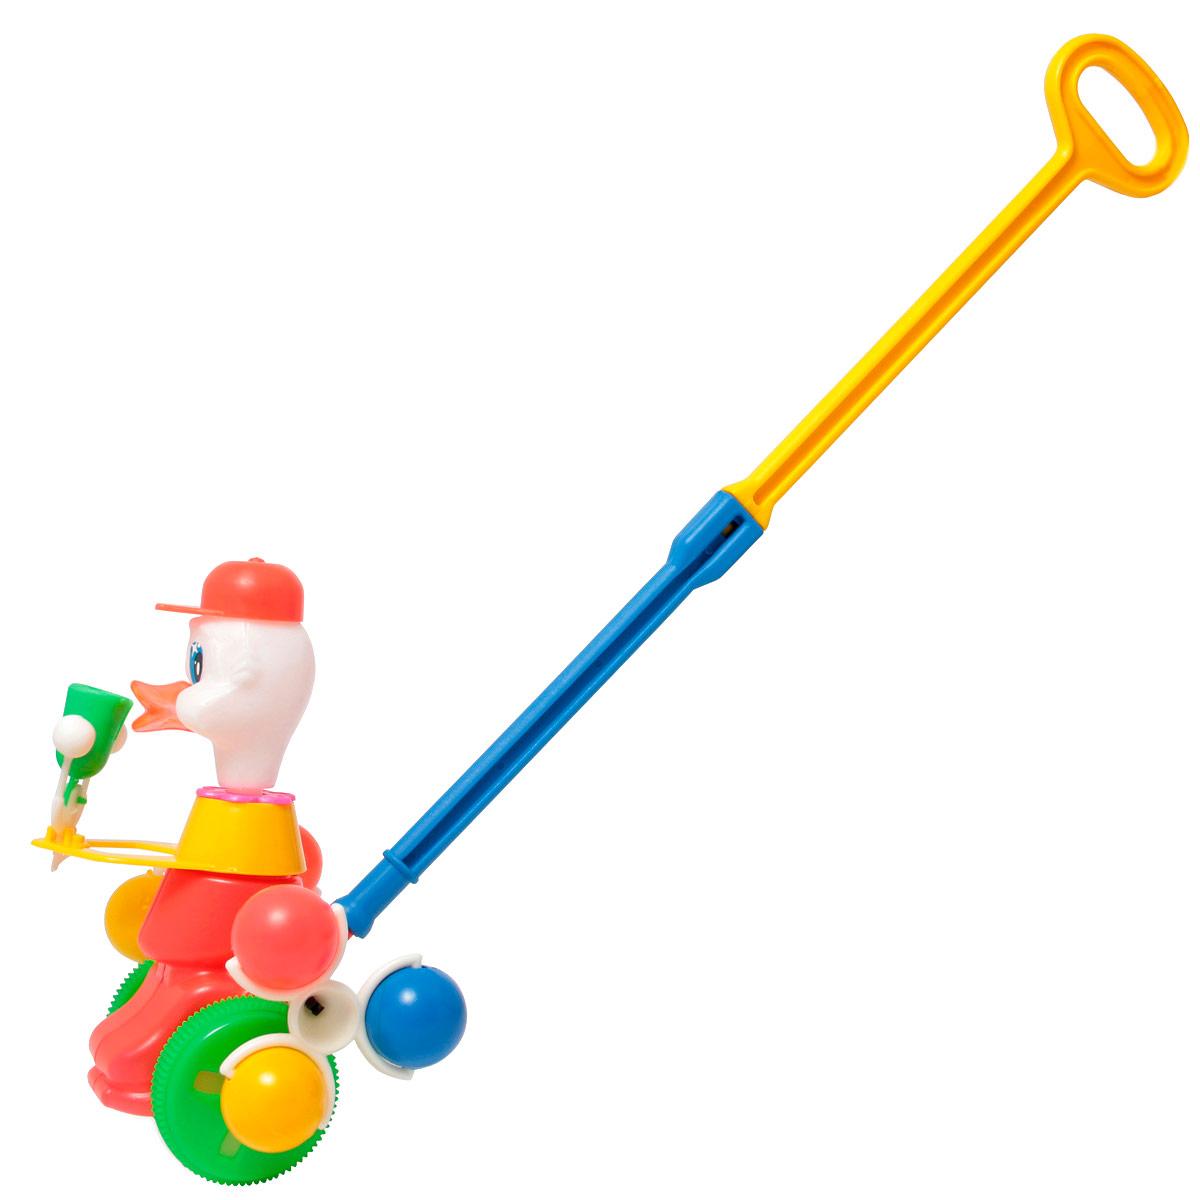 Игрушка-каталка Утка со звонкомП-0171Игрушка-каталка с ручкой для детей 1-3 лет. Развивает наглядно-действенное мышление, координацию движений, стимулирует двигательную активность. Для малышей, начинающих ходить, каталка - незаменимый помощник в этом нелегком деле.